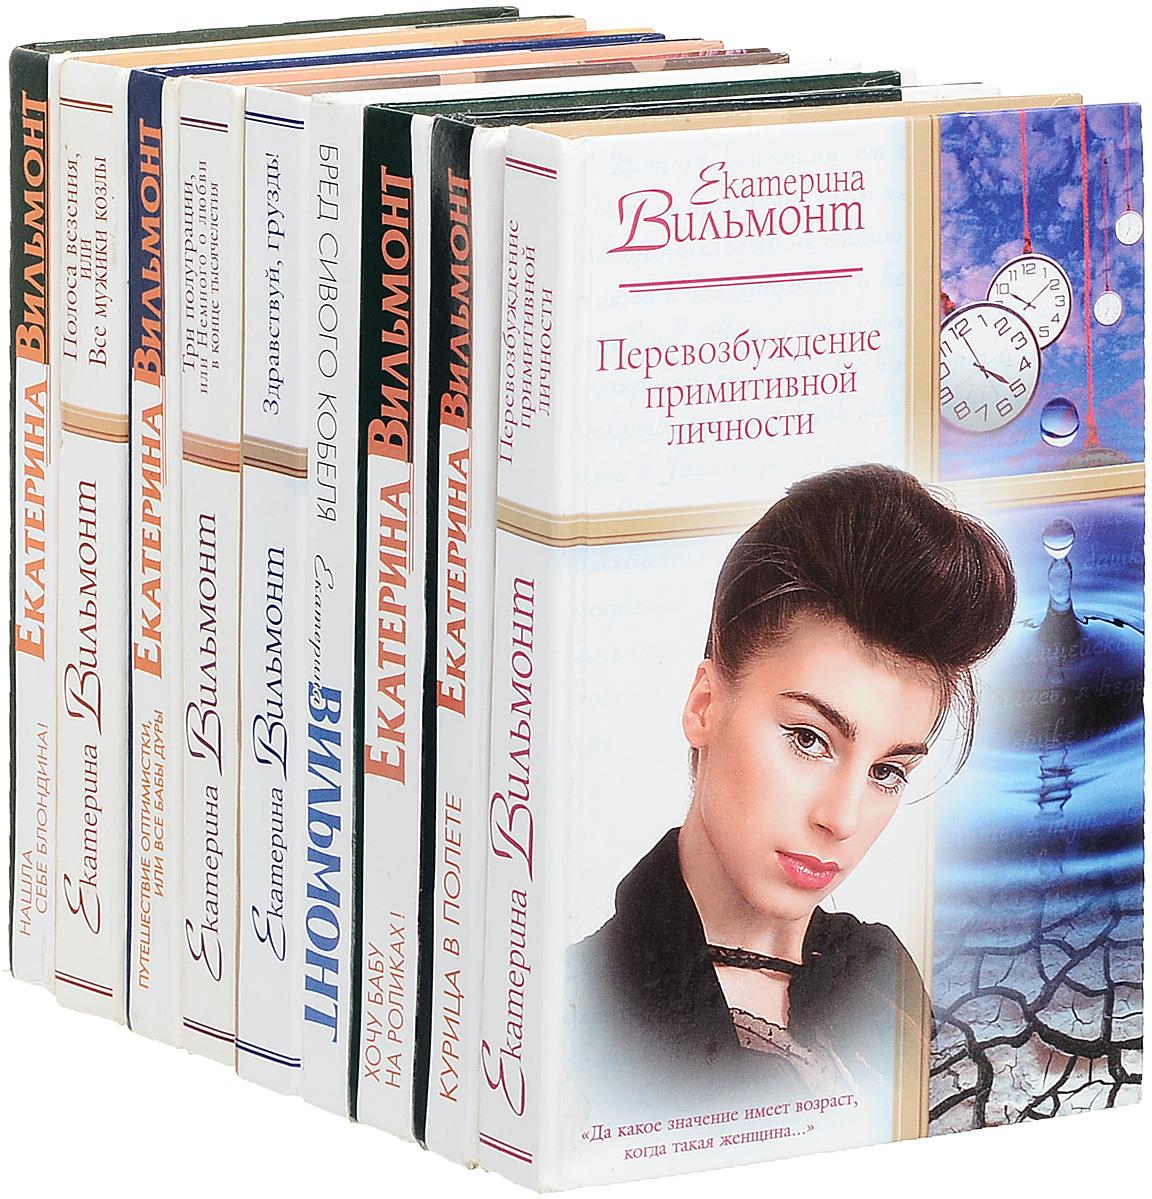 Вильмонт Е. Серия Екатерина Вильмонт(комплект из 9 книг) анджей сапковский серия век дракона комплект из 9 книг